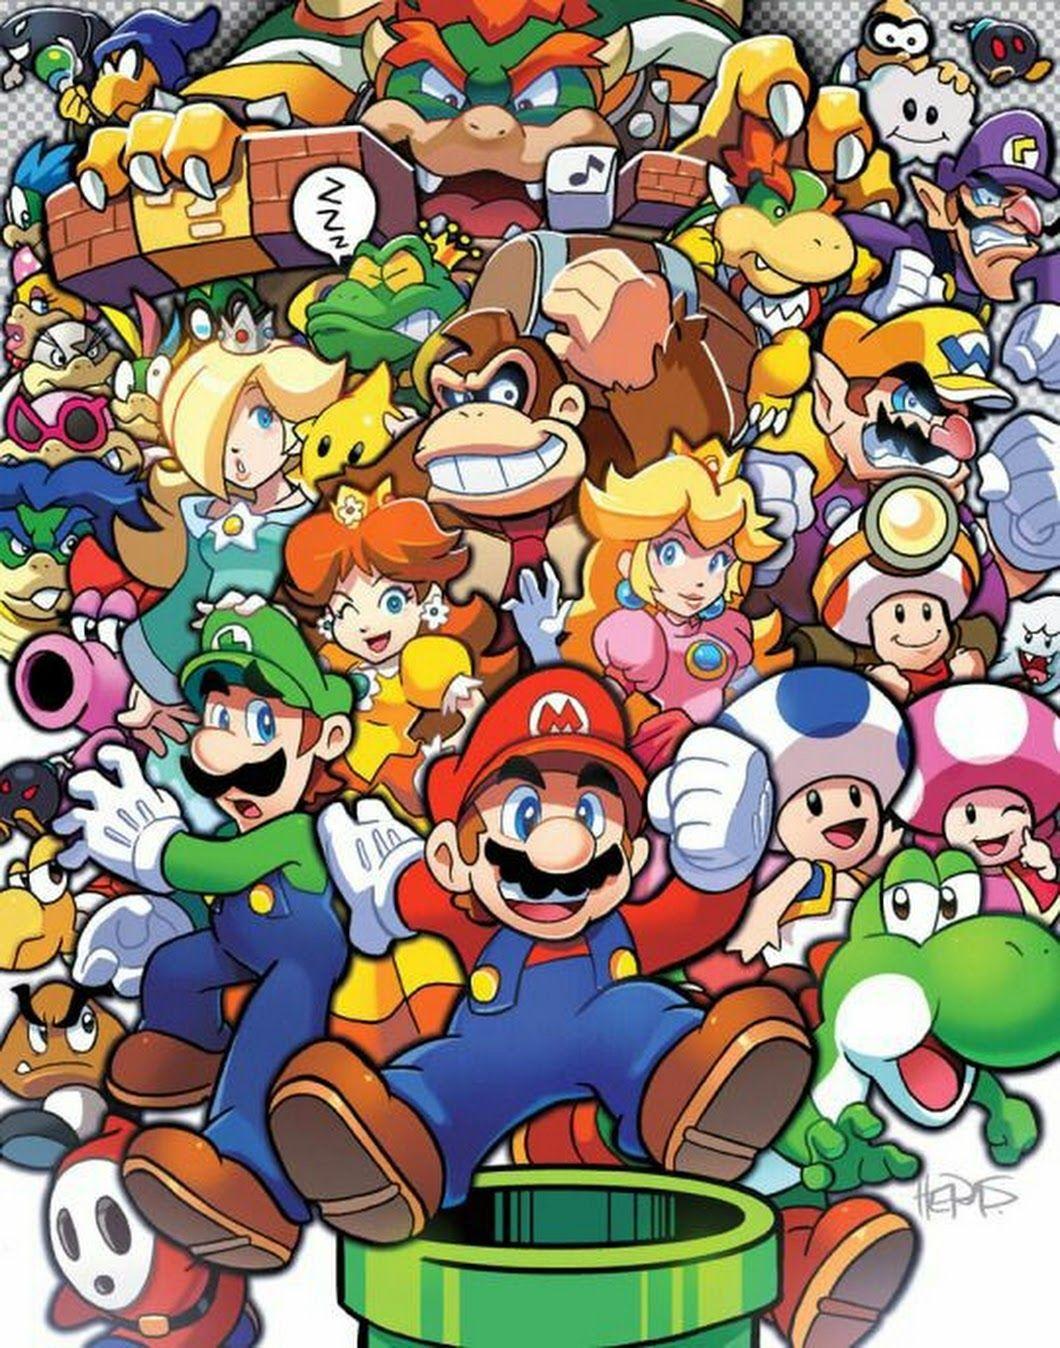 Mario and Luigi Good morning everyone Super mario art